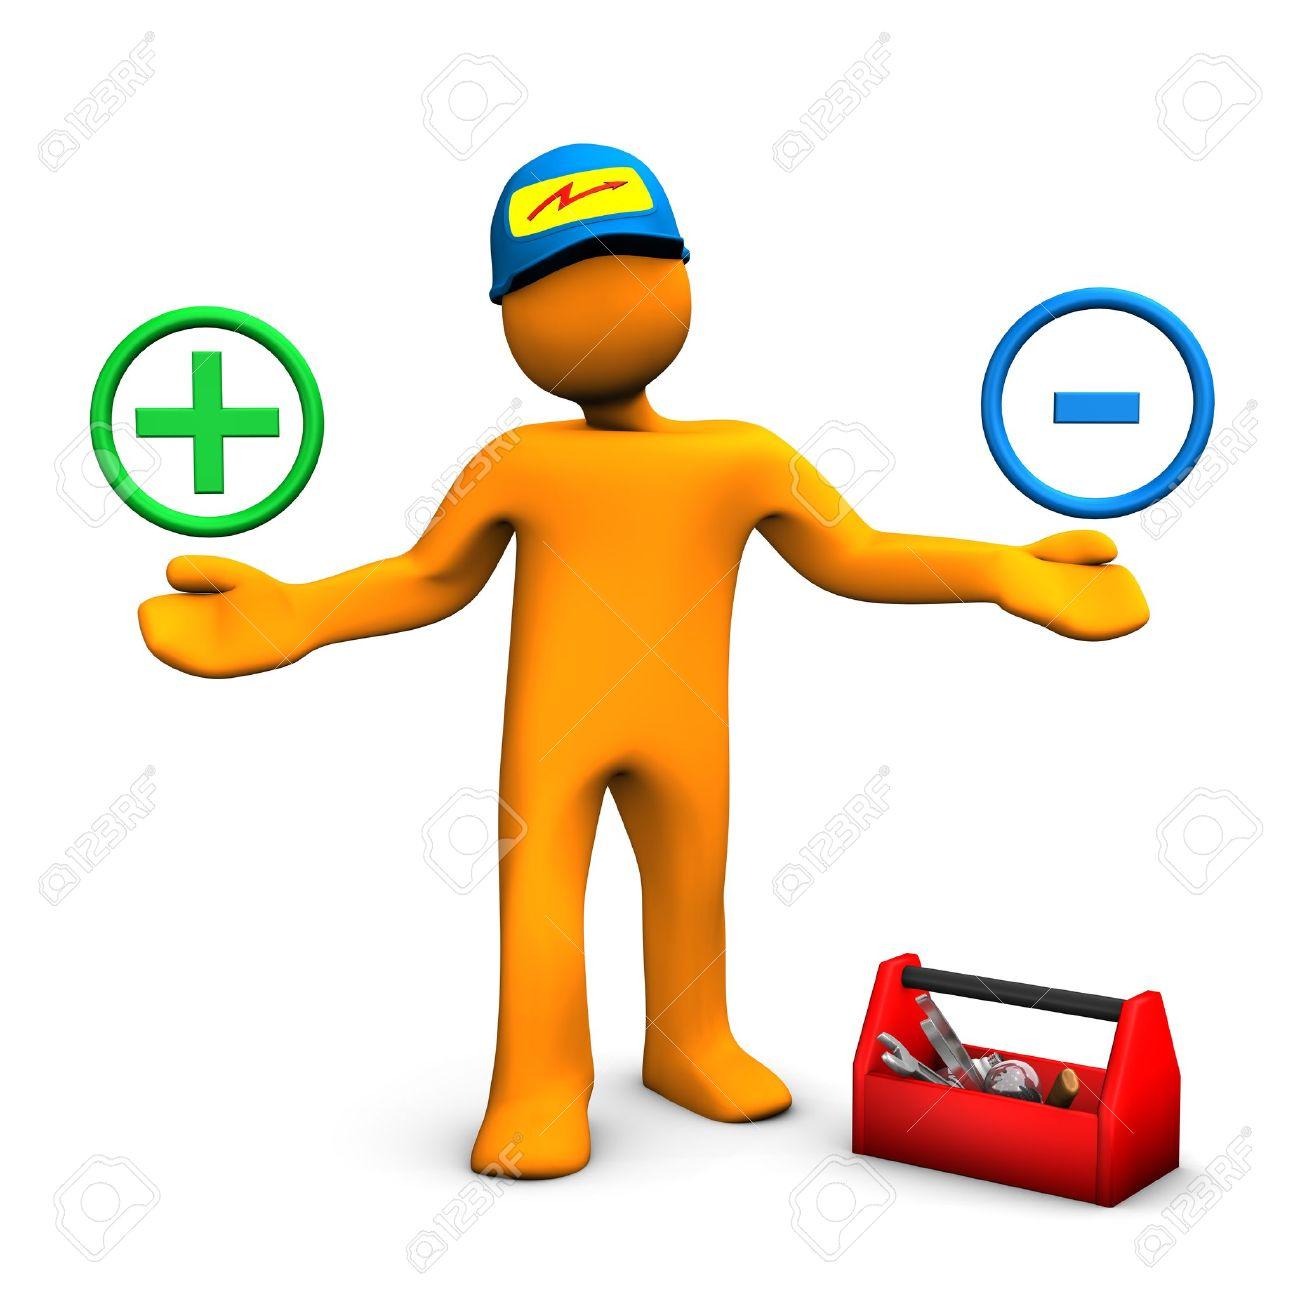 https://i2.wp.com/previews.123rf.com/images/limbi007/limbi0071301/limbi007130100081/17460206-Personaggio-dei-cartoni-animati-arancione-come-telefoni-elettricista-con-i-simboli-pi-e-meno-Sfondo--Archivio-Fotografico.jpg